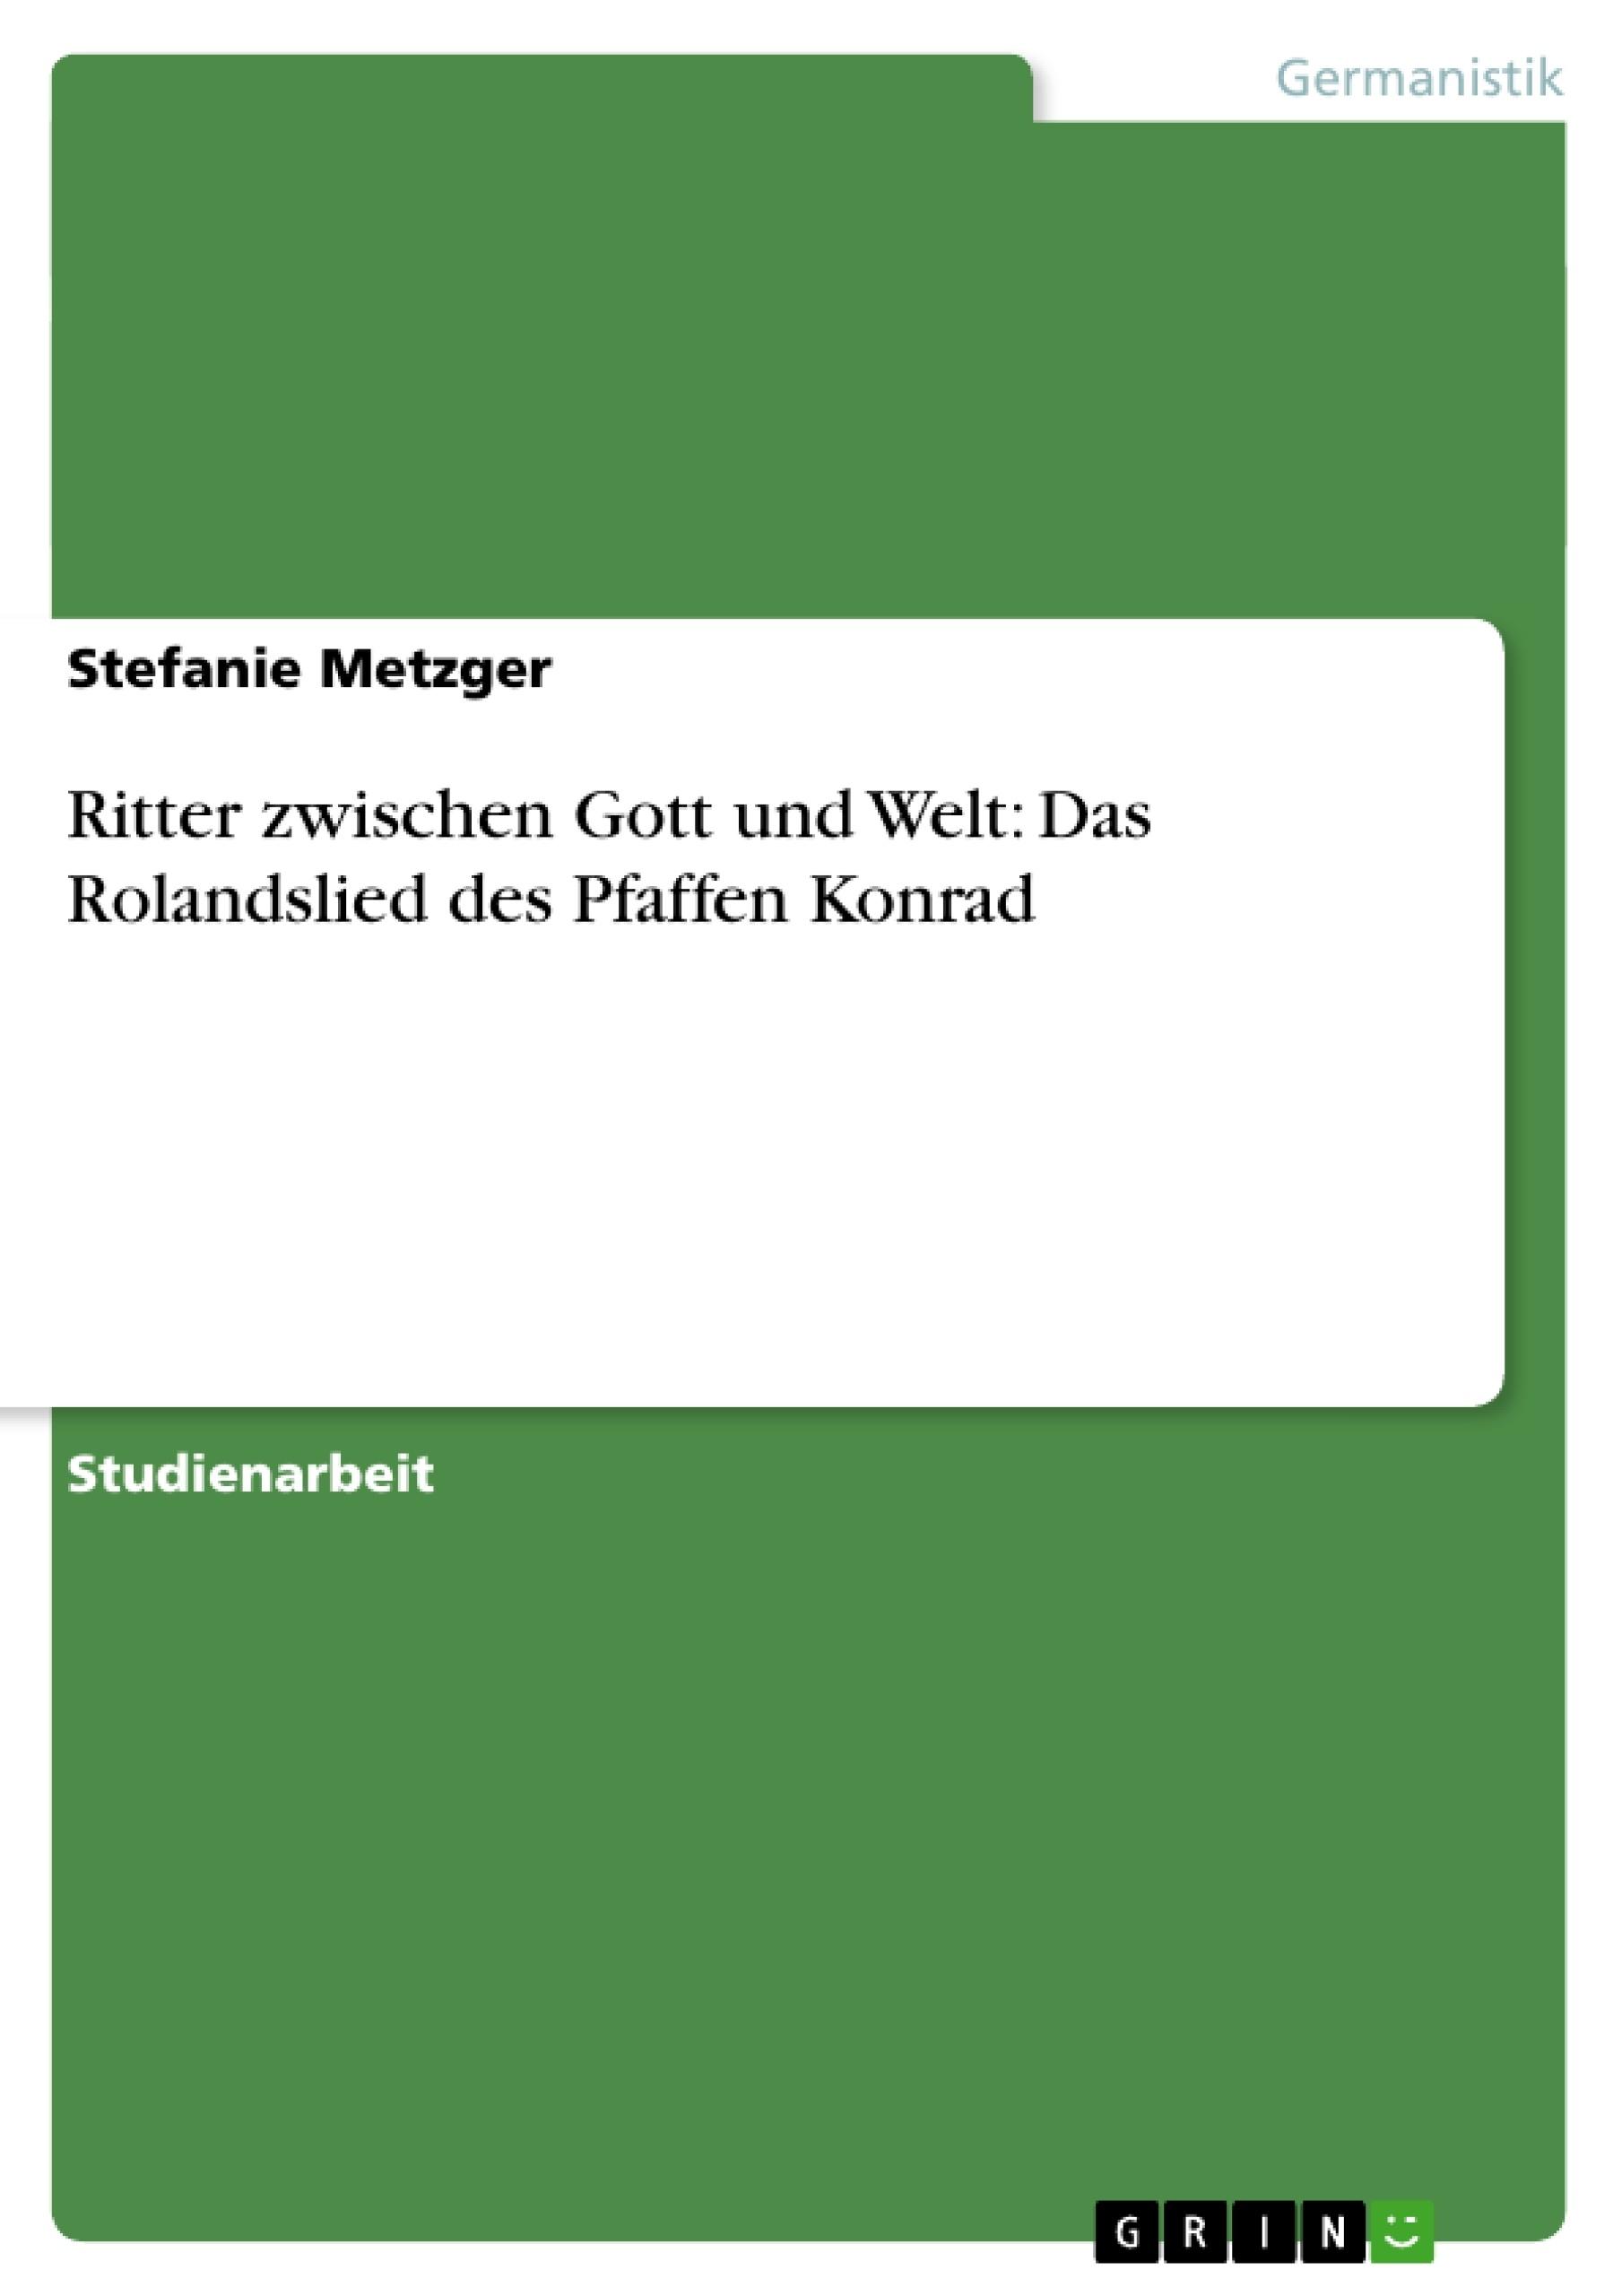 Titel: Ritter zwischen Gott und Welt: Das Rolandslied des Pfaffen Konrad